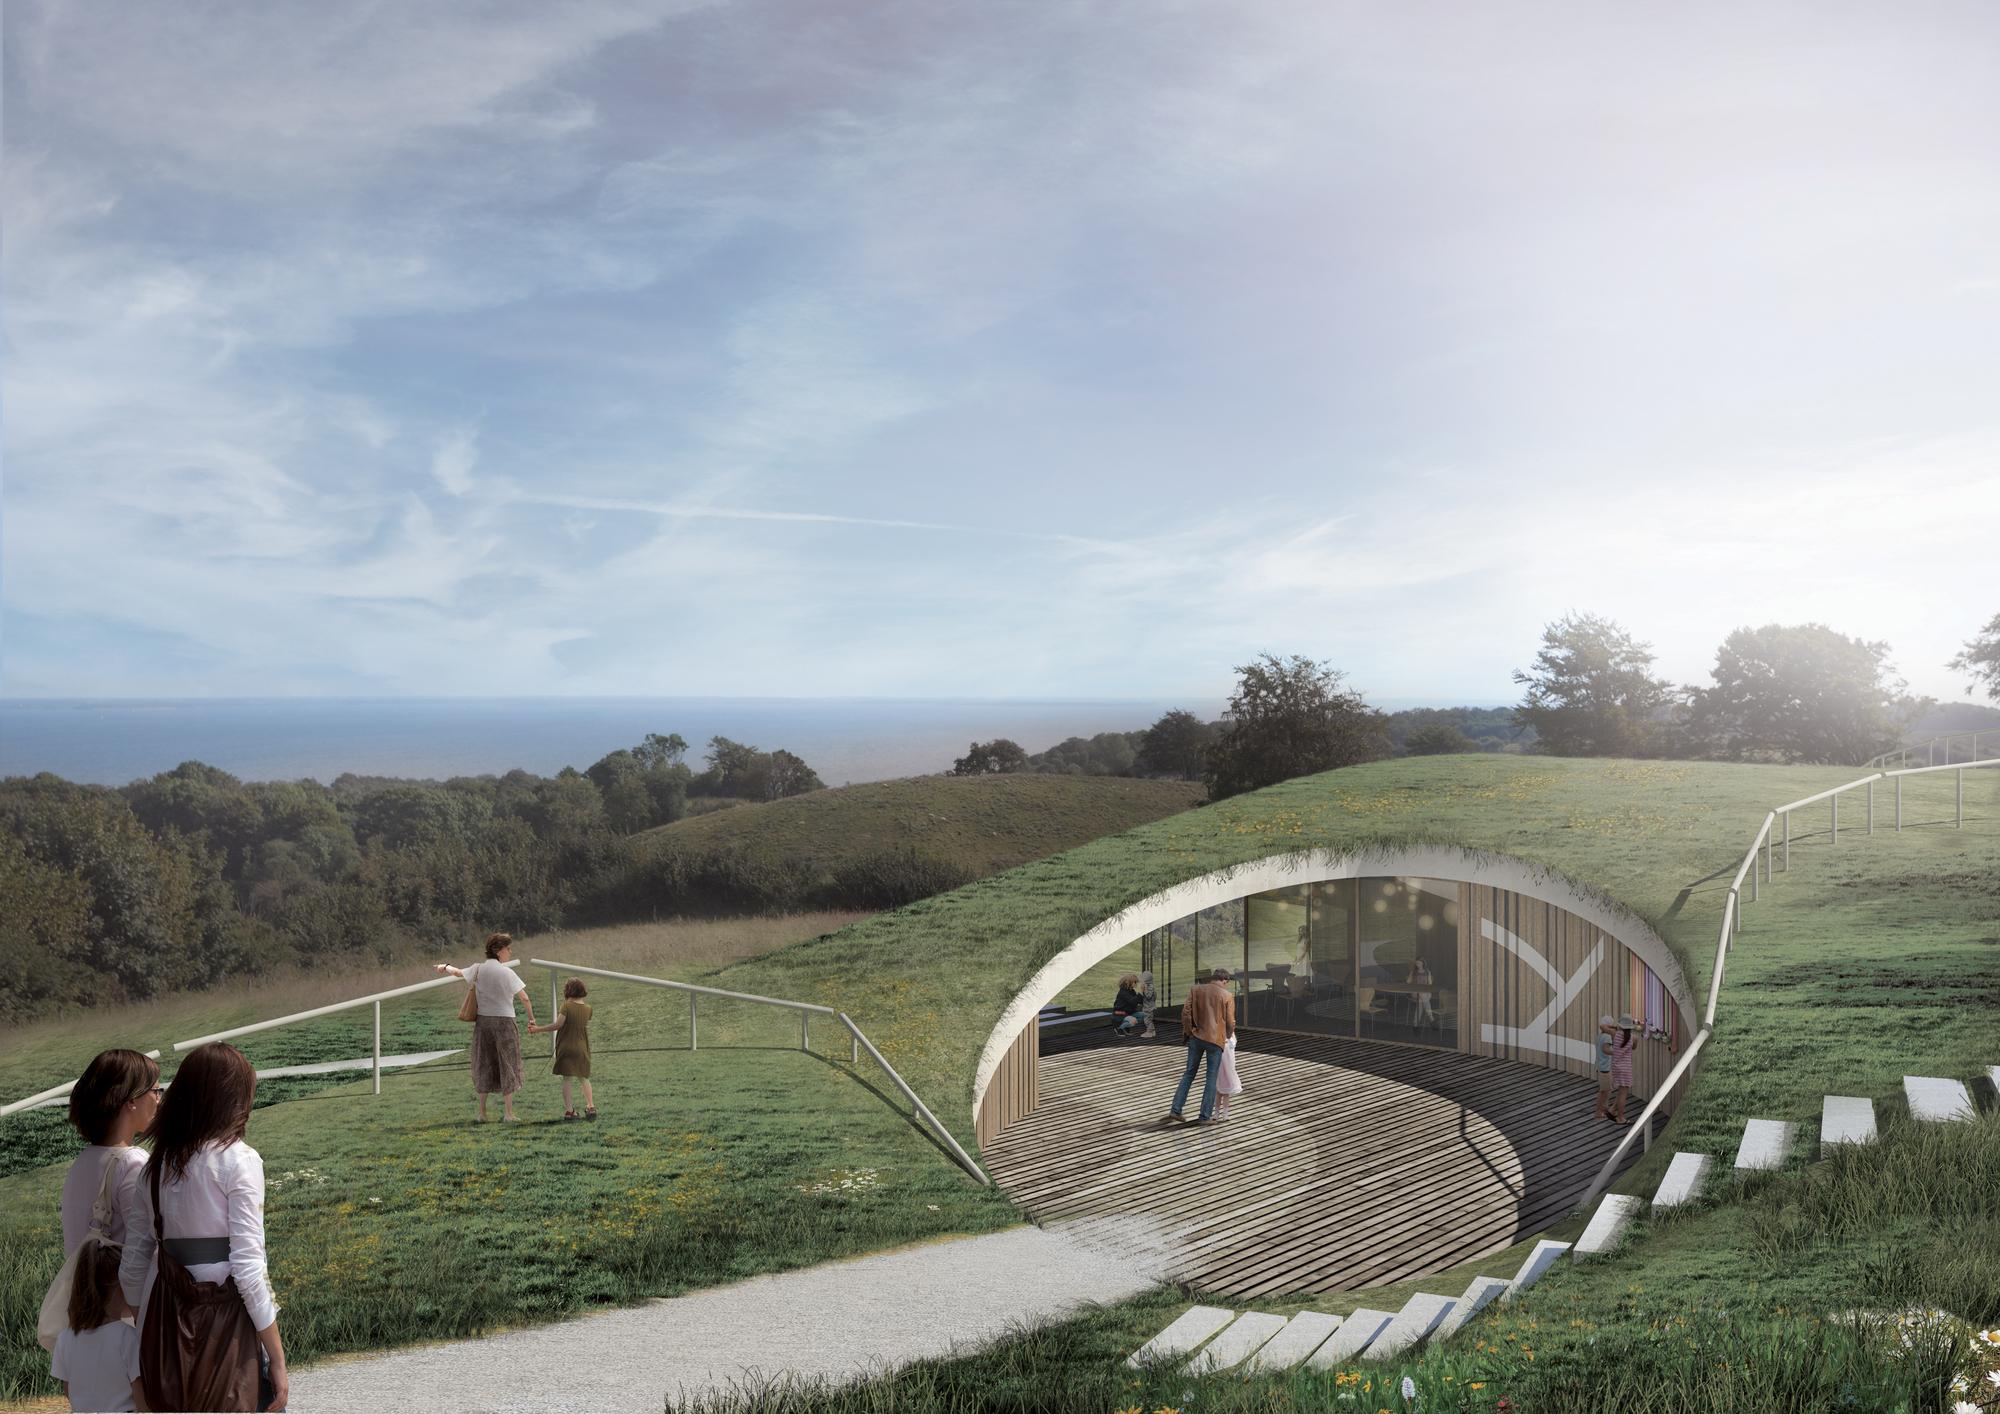 Cebra To Design Green Roofed Underground Visitor Center